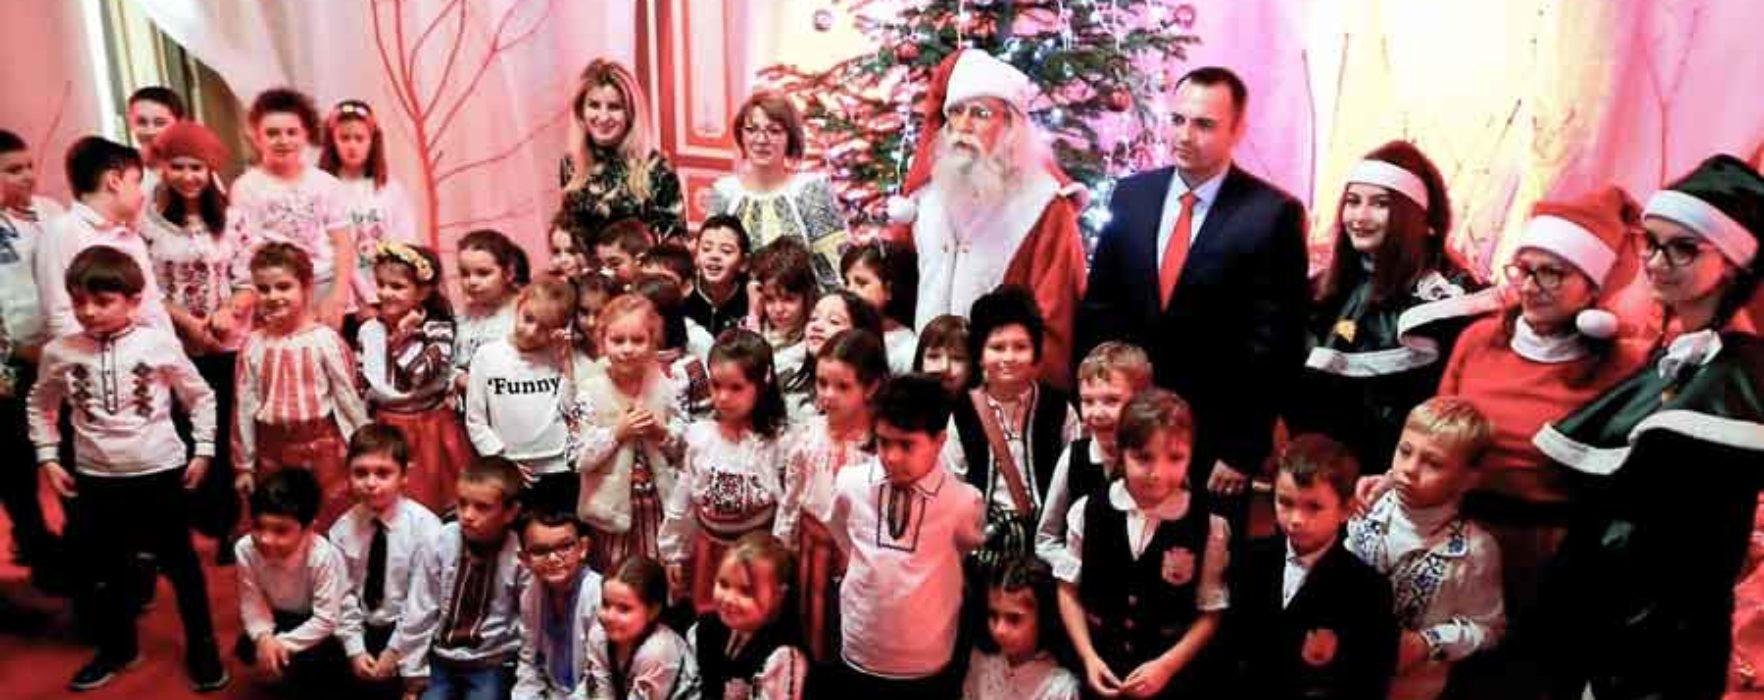 Moş Crăciun îi aşteaptă cu daruri pe copii la Primăria Târgovişte